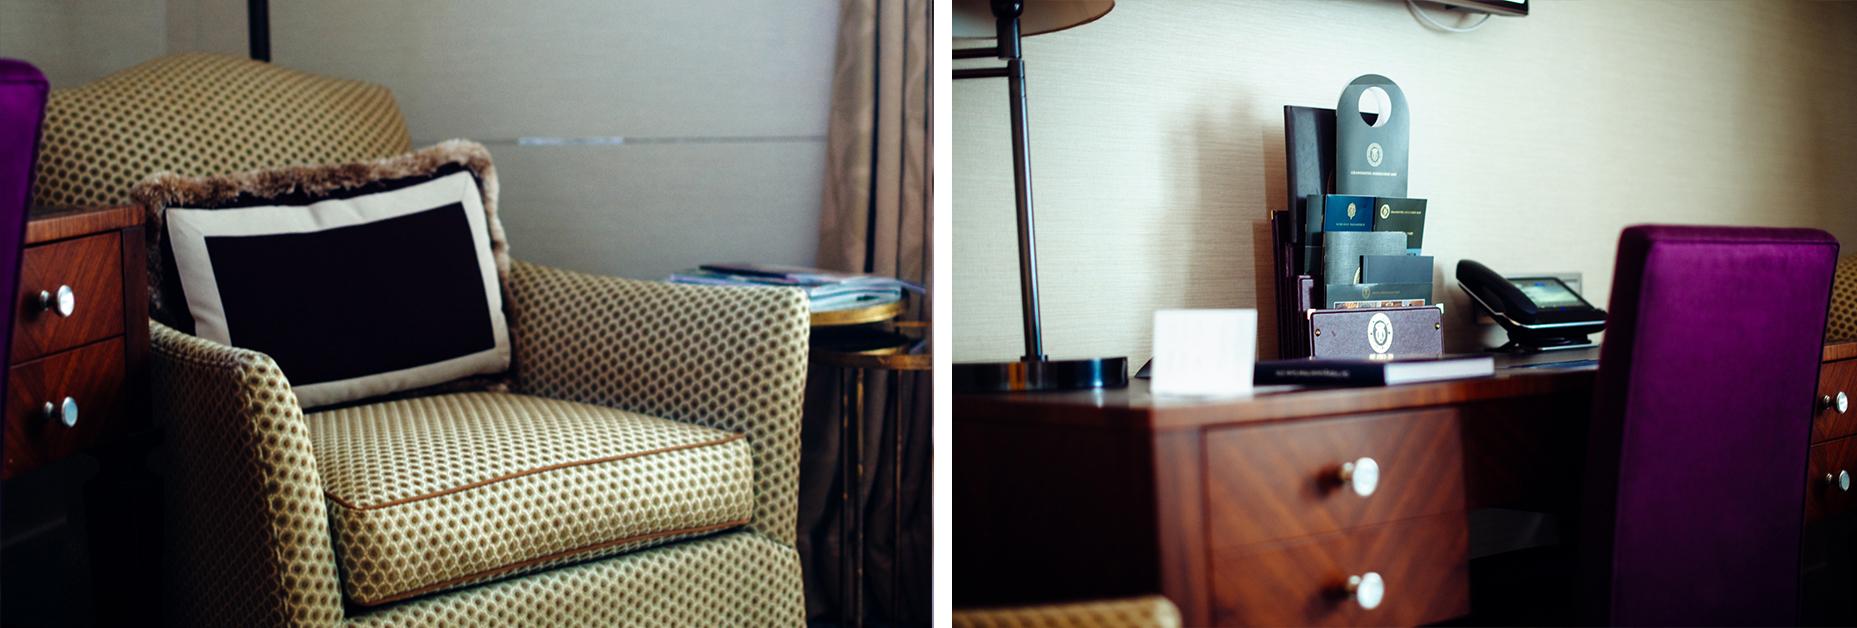 kiamisu_modeblog_reiseblog_grandhotel-hessischer-hof_franktfurt_hotelbericht_hoteltest-collage23